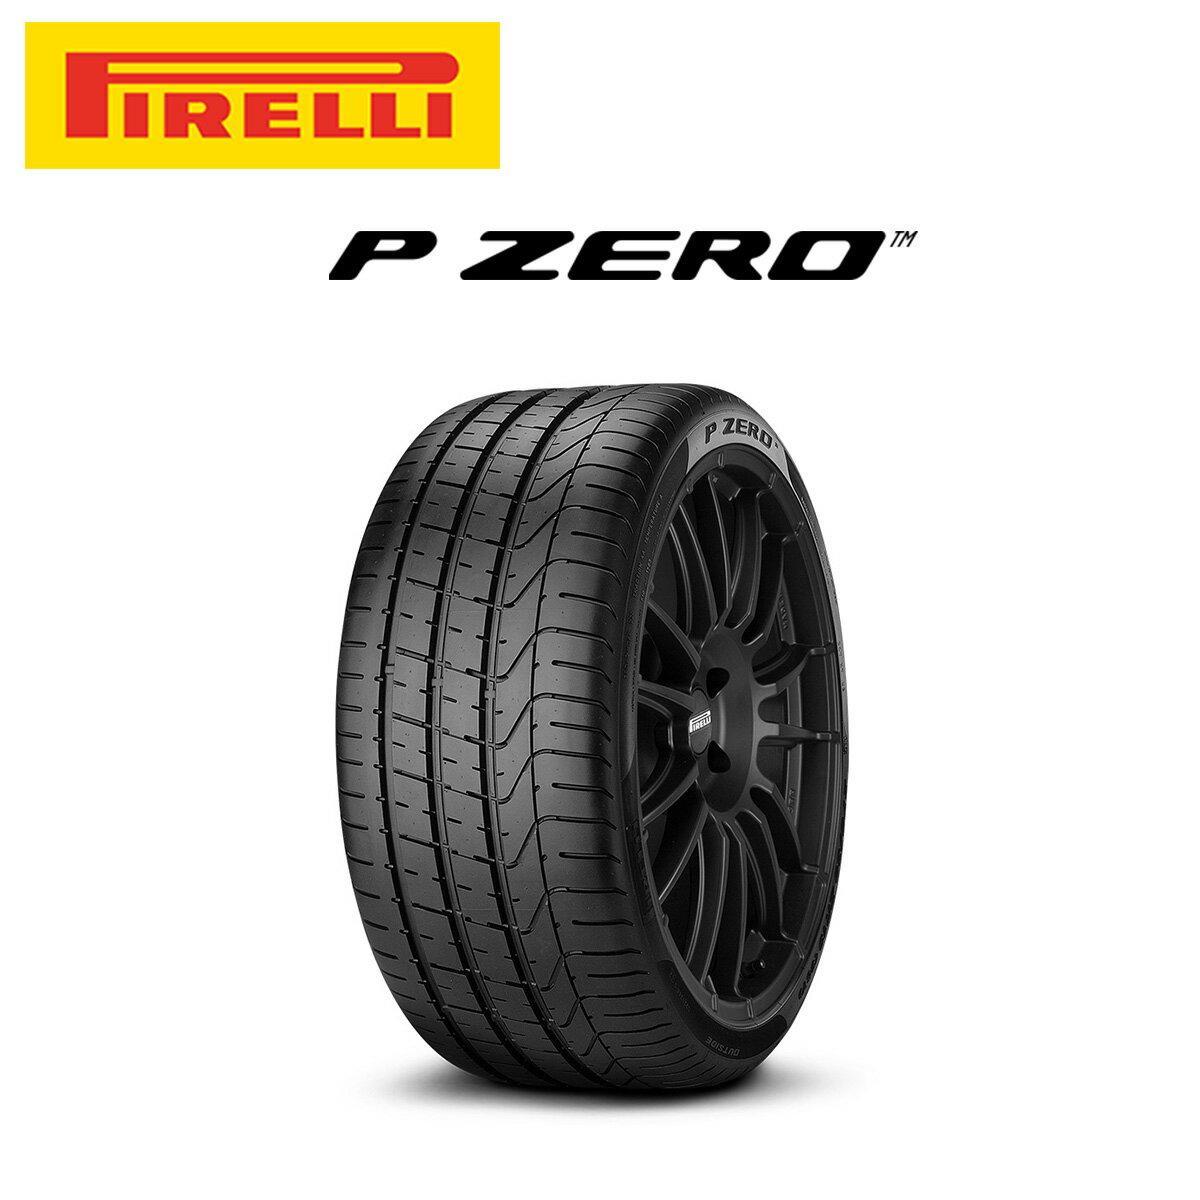 ピレリ PIRELLI P ZERO ピーゼロ 20インチ サマー タイヤ 1本 265/45ZR20 108Y XL MO:メルセデスベンツ承認タイヤ 2649200